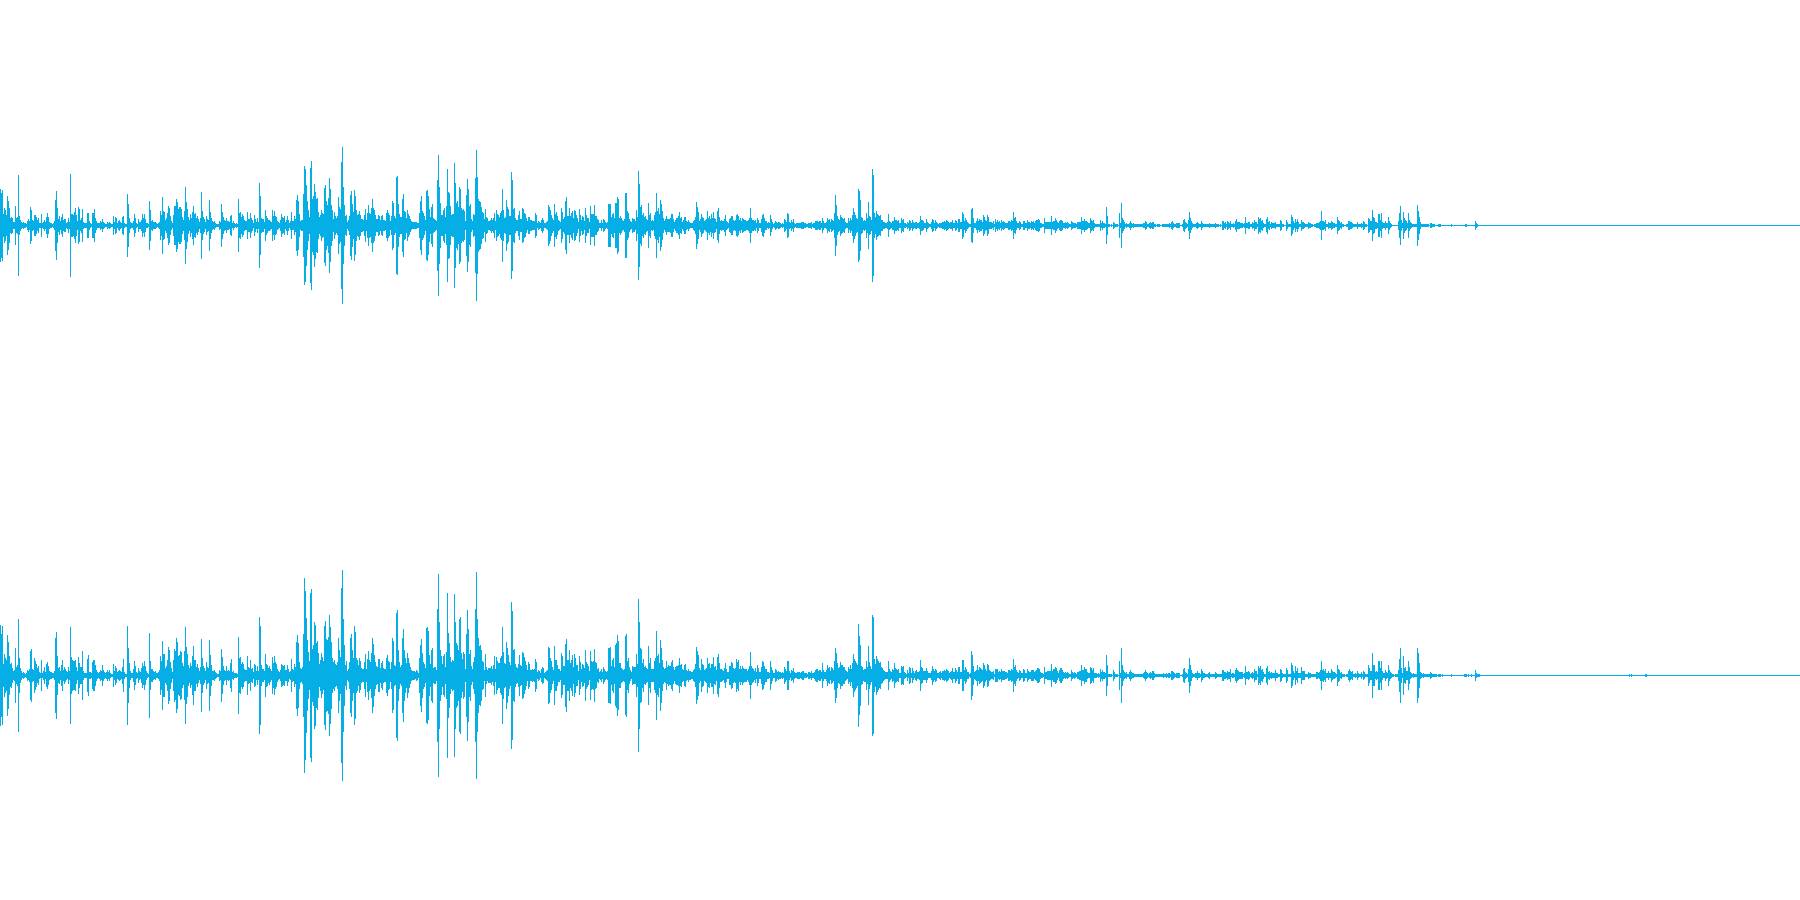 コップに飲み物を注ぐ音の再生済みの波形